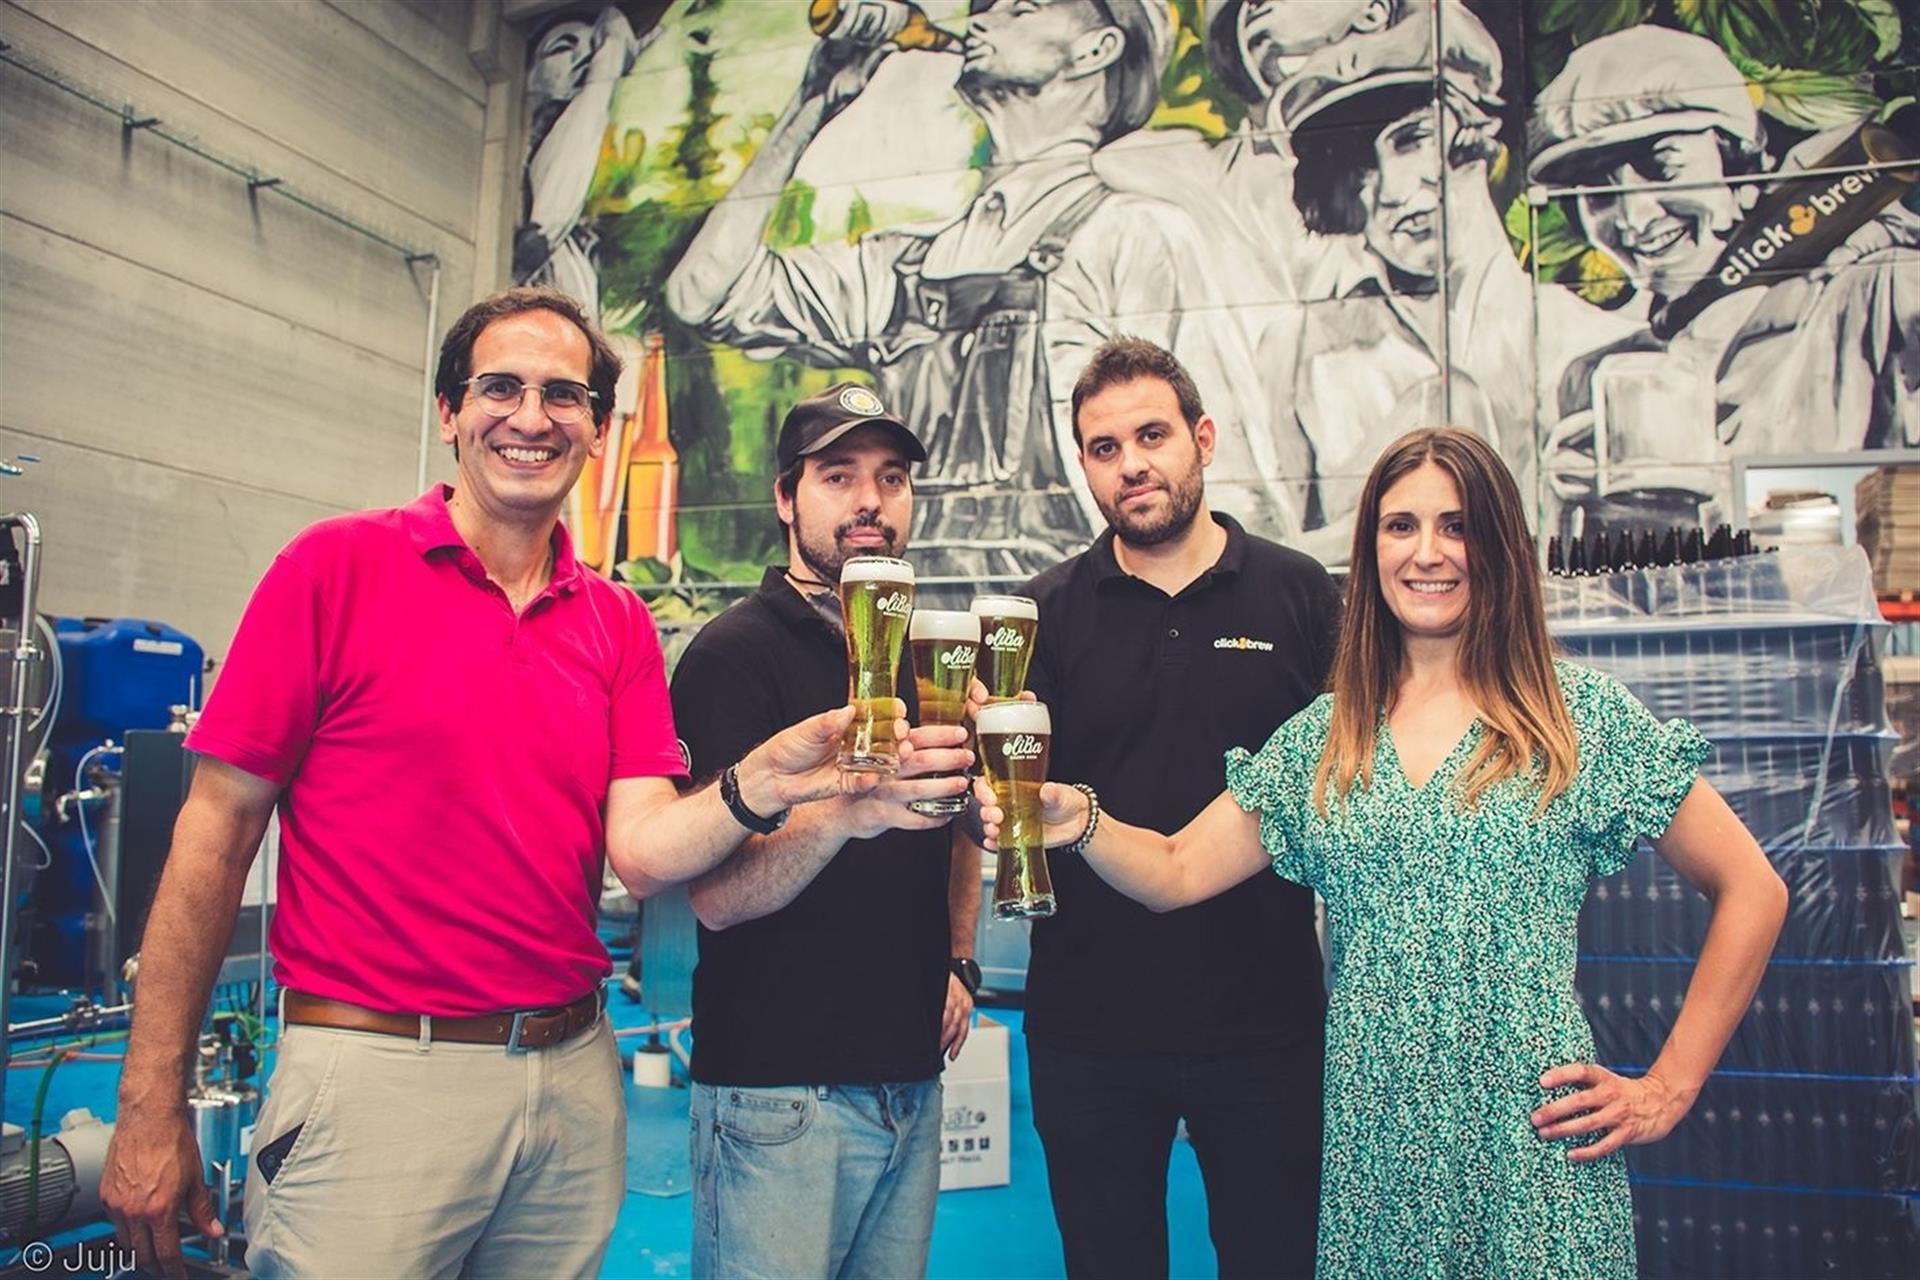 Ivan Caelles, CEO de OLIBA Green Beer, y Sandra López, gerente. Autor: Judit Rivas Molins